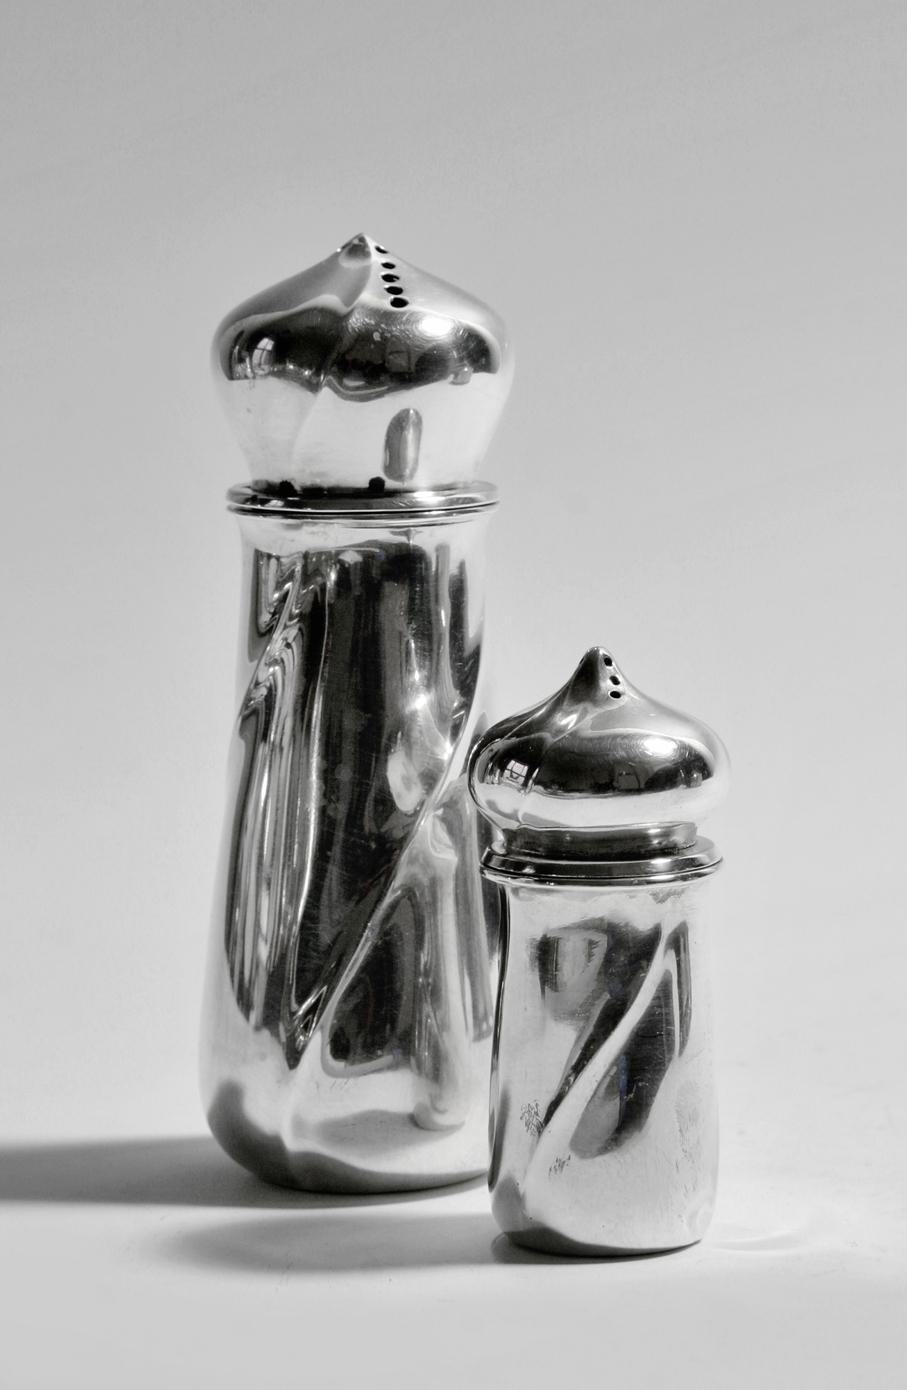 Toril Bjorg. Sukker- og saltsett. Produsert ved David-Andersen. Unikarbeid utført i 1975. (Foto: Mats Linder)